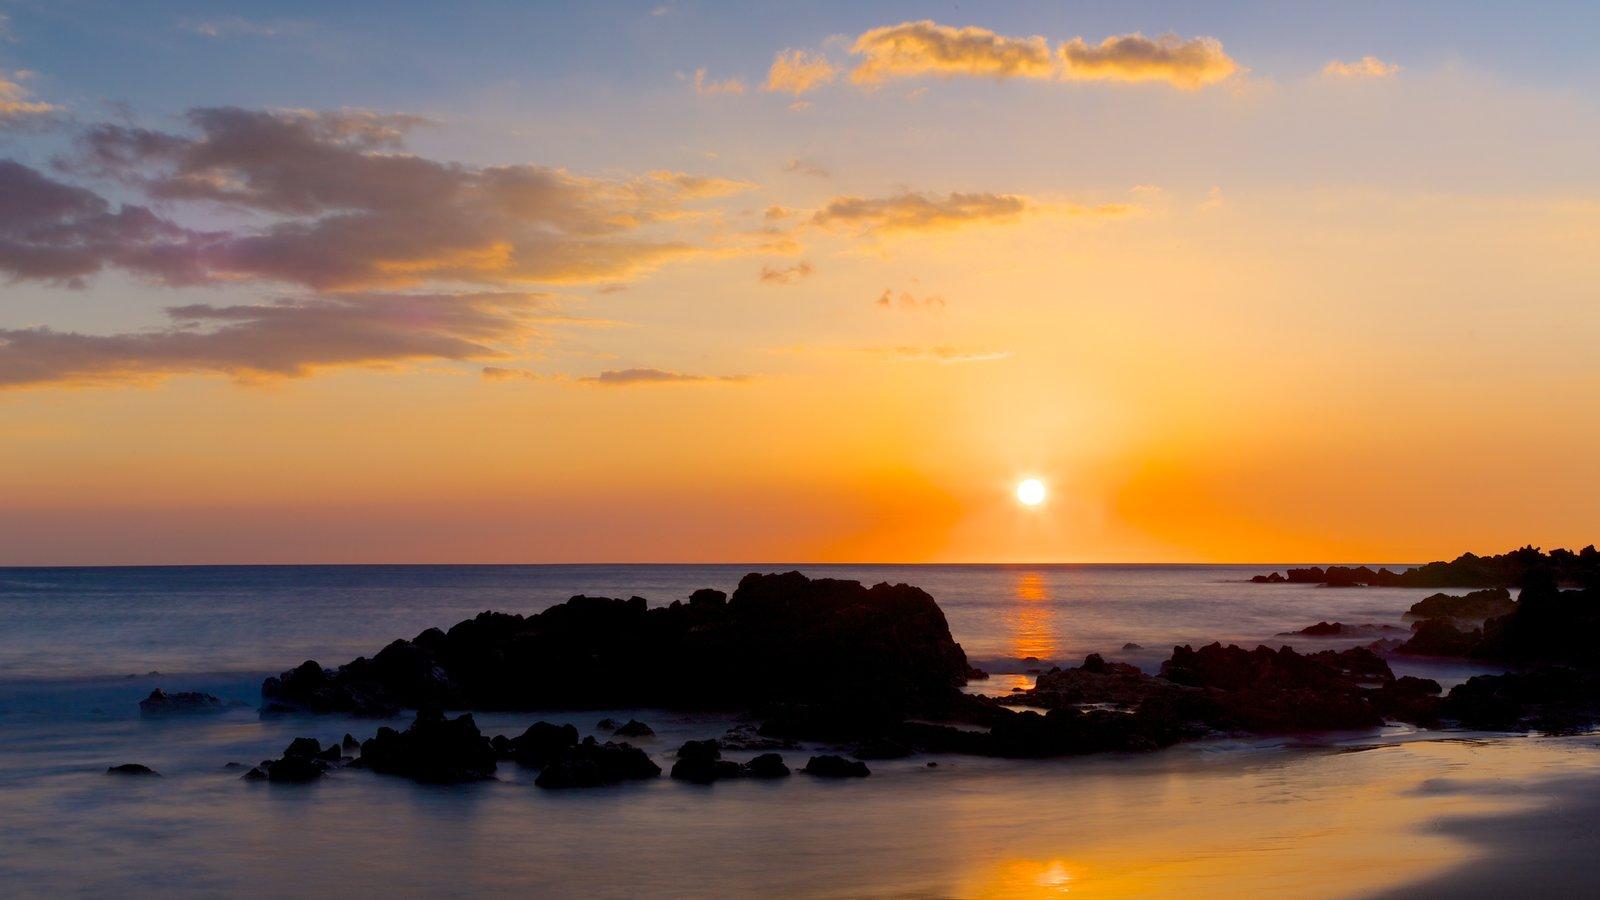 Hapuna Beach State Park ofreciendo una puesta de sol, vistas generales de la costa y vistas de paisajes